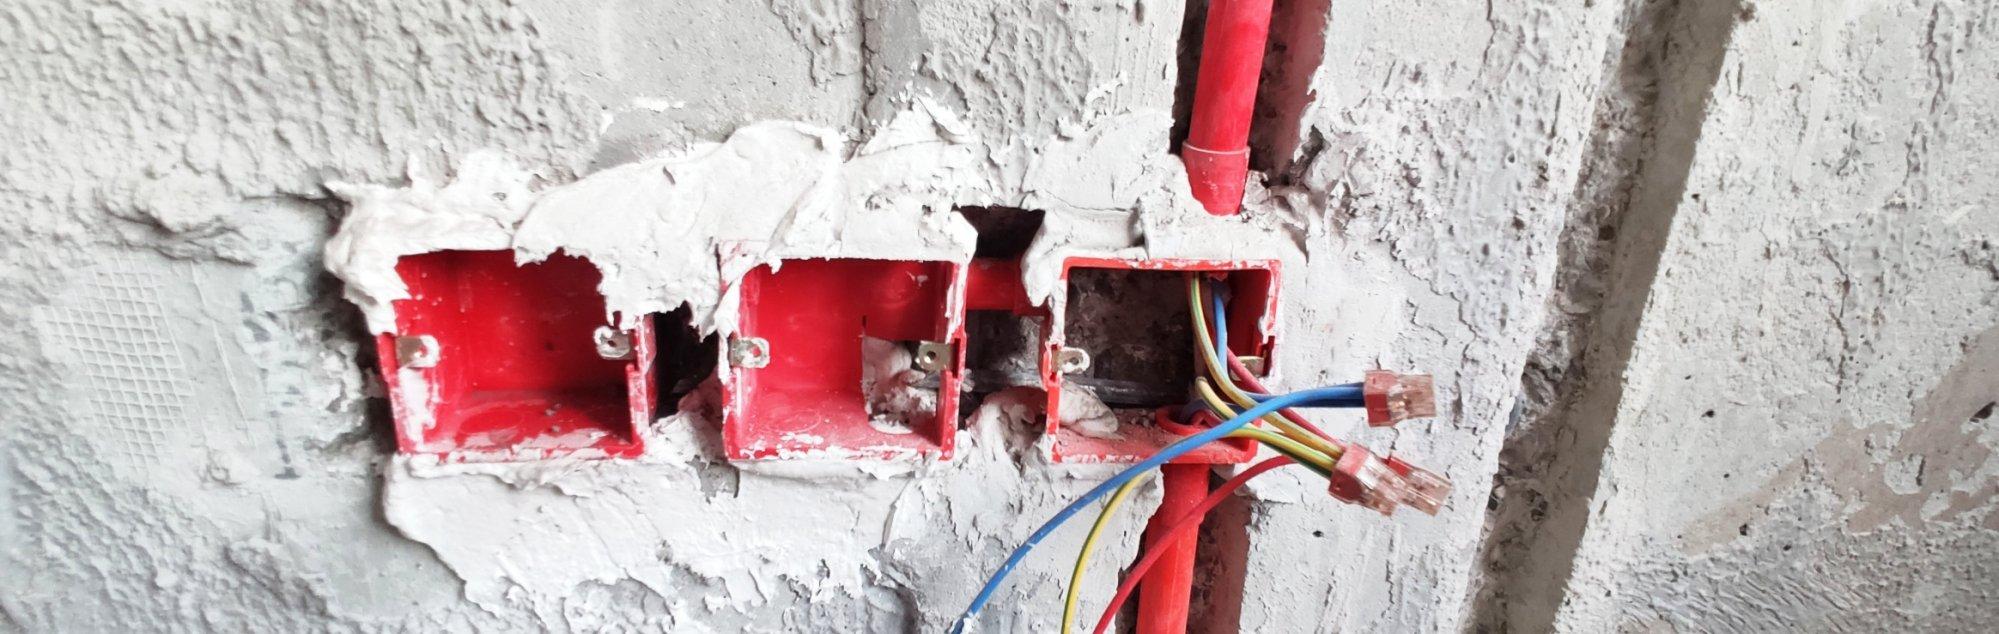 装修公司开槽切断钢筋,怎么维权?